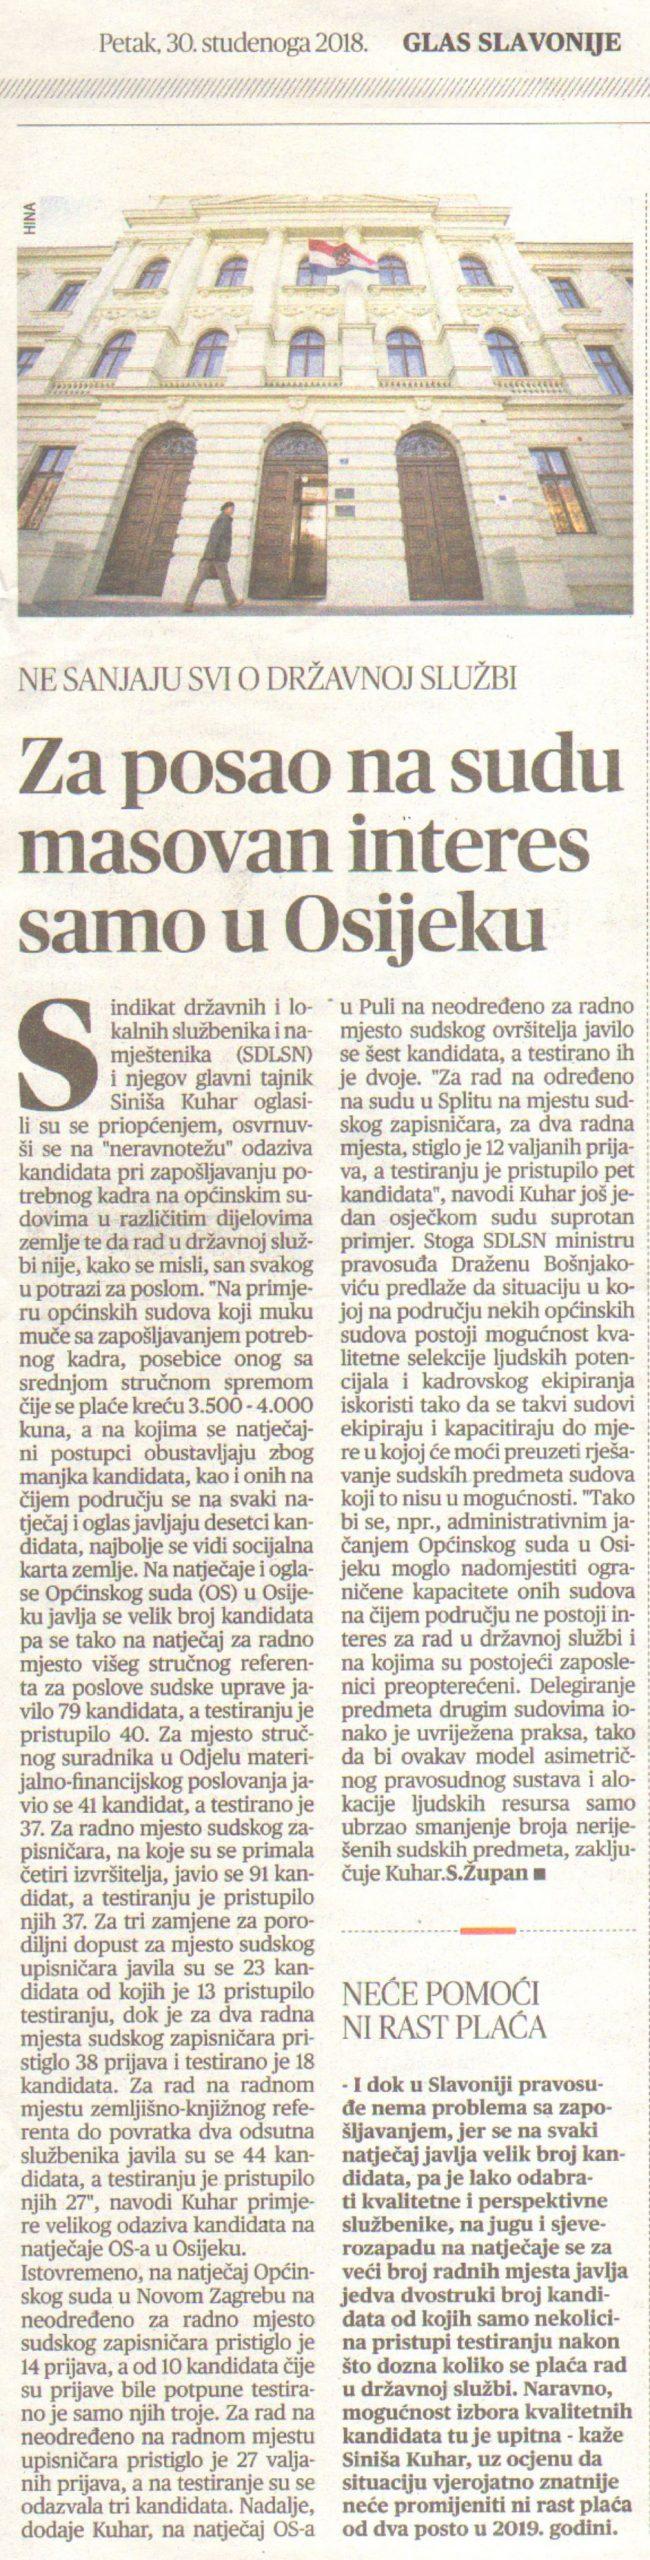 Za posao na sudu masovan interes samo u Osijeku